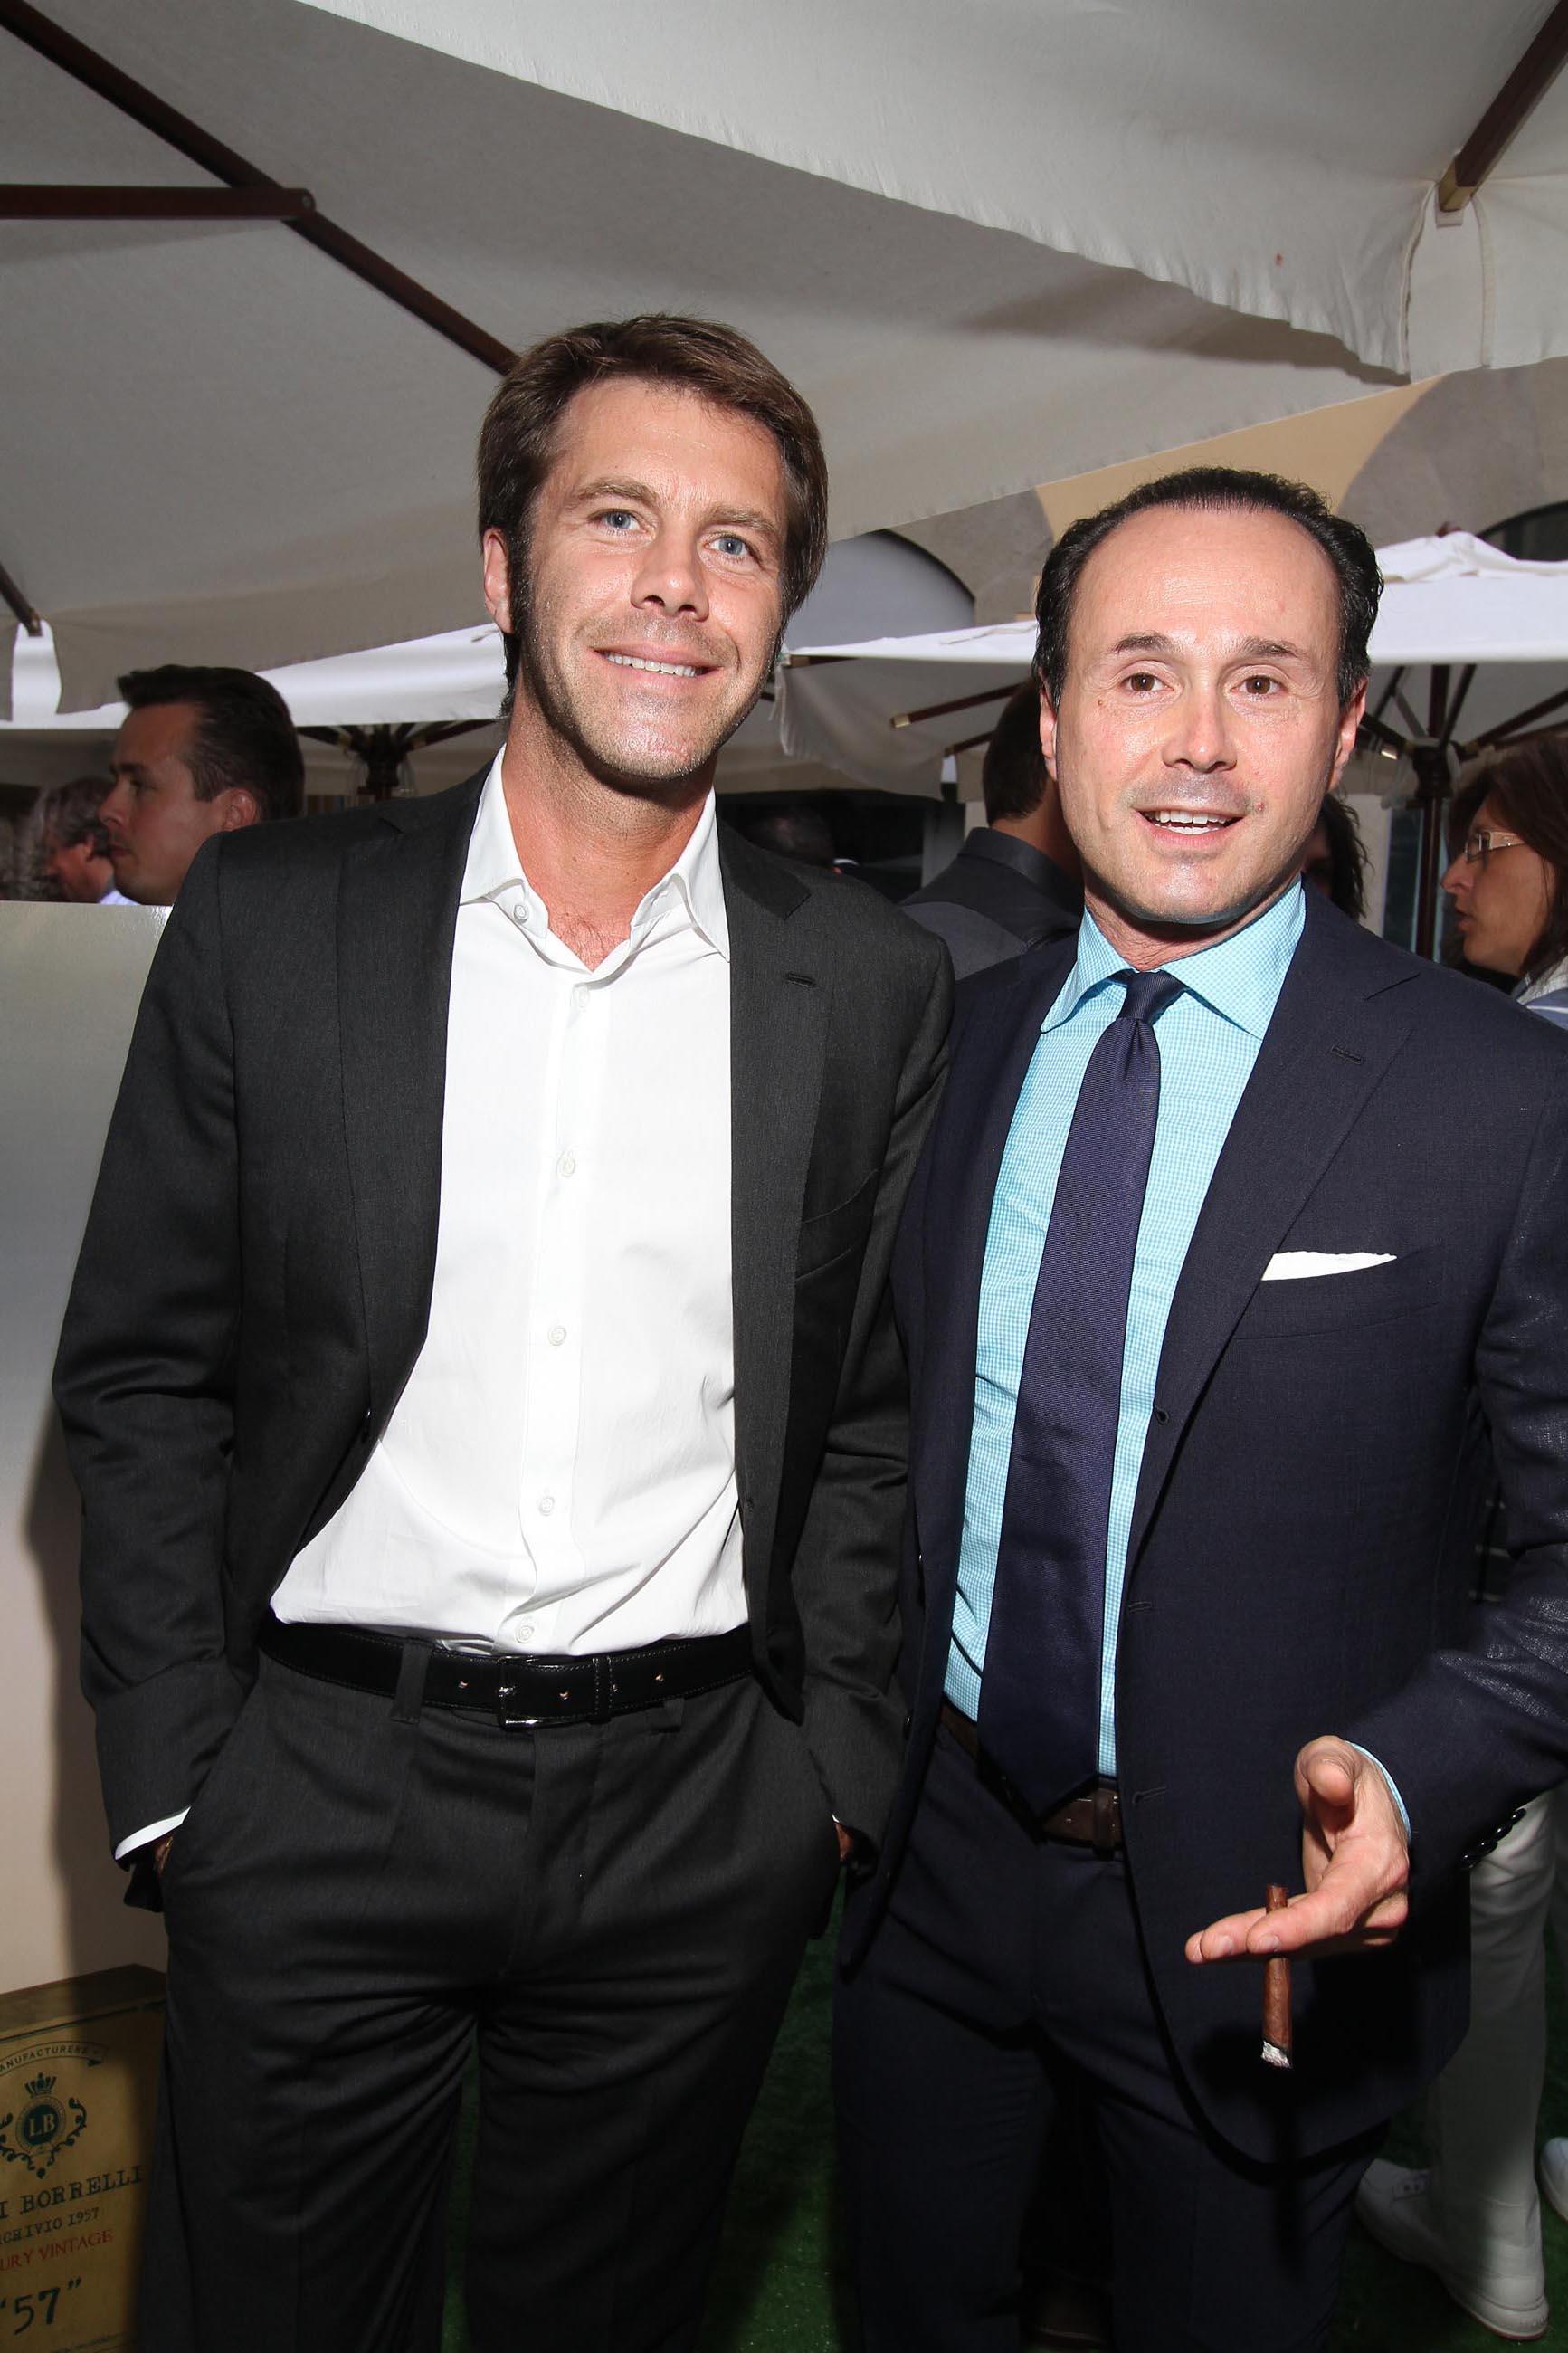 PRESSPHOTO Firenze, Evento Milord Aston Martin. Nella foto Emanuele Filiberto con Fabio Borrelli